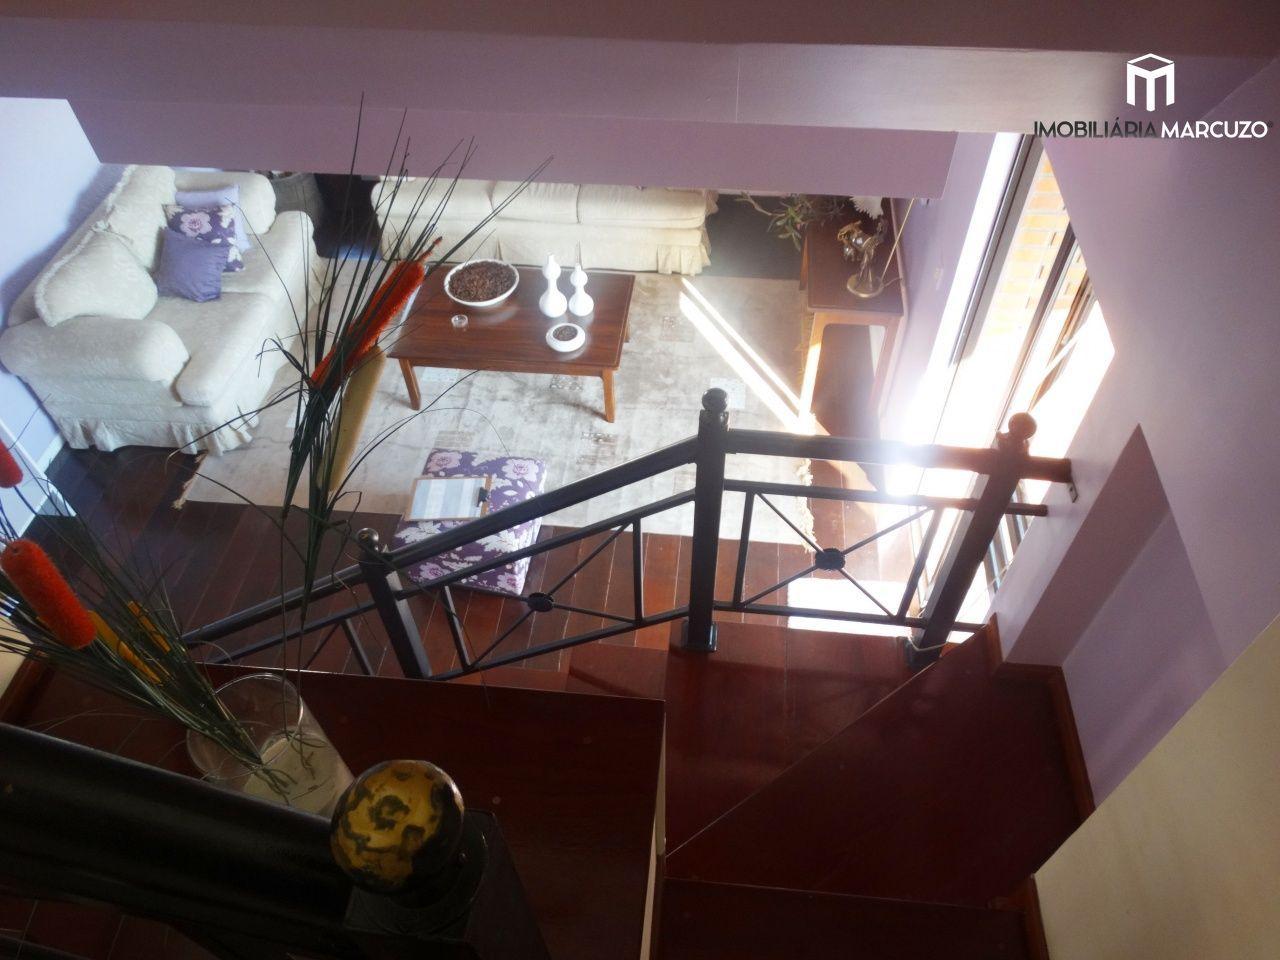 Cobertura com 4 Dormitórios à venda, 202 m² por R$ 950.000,00